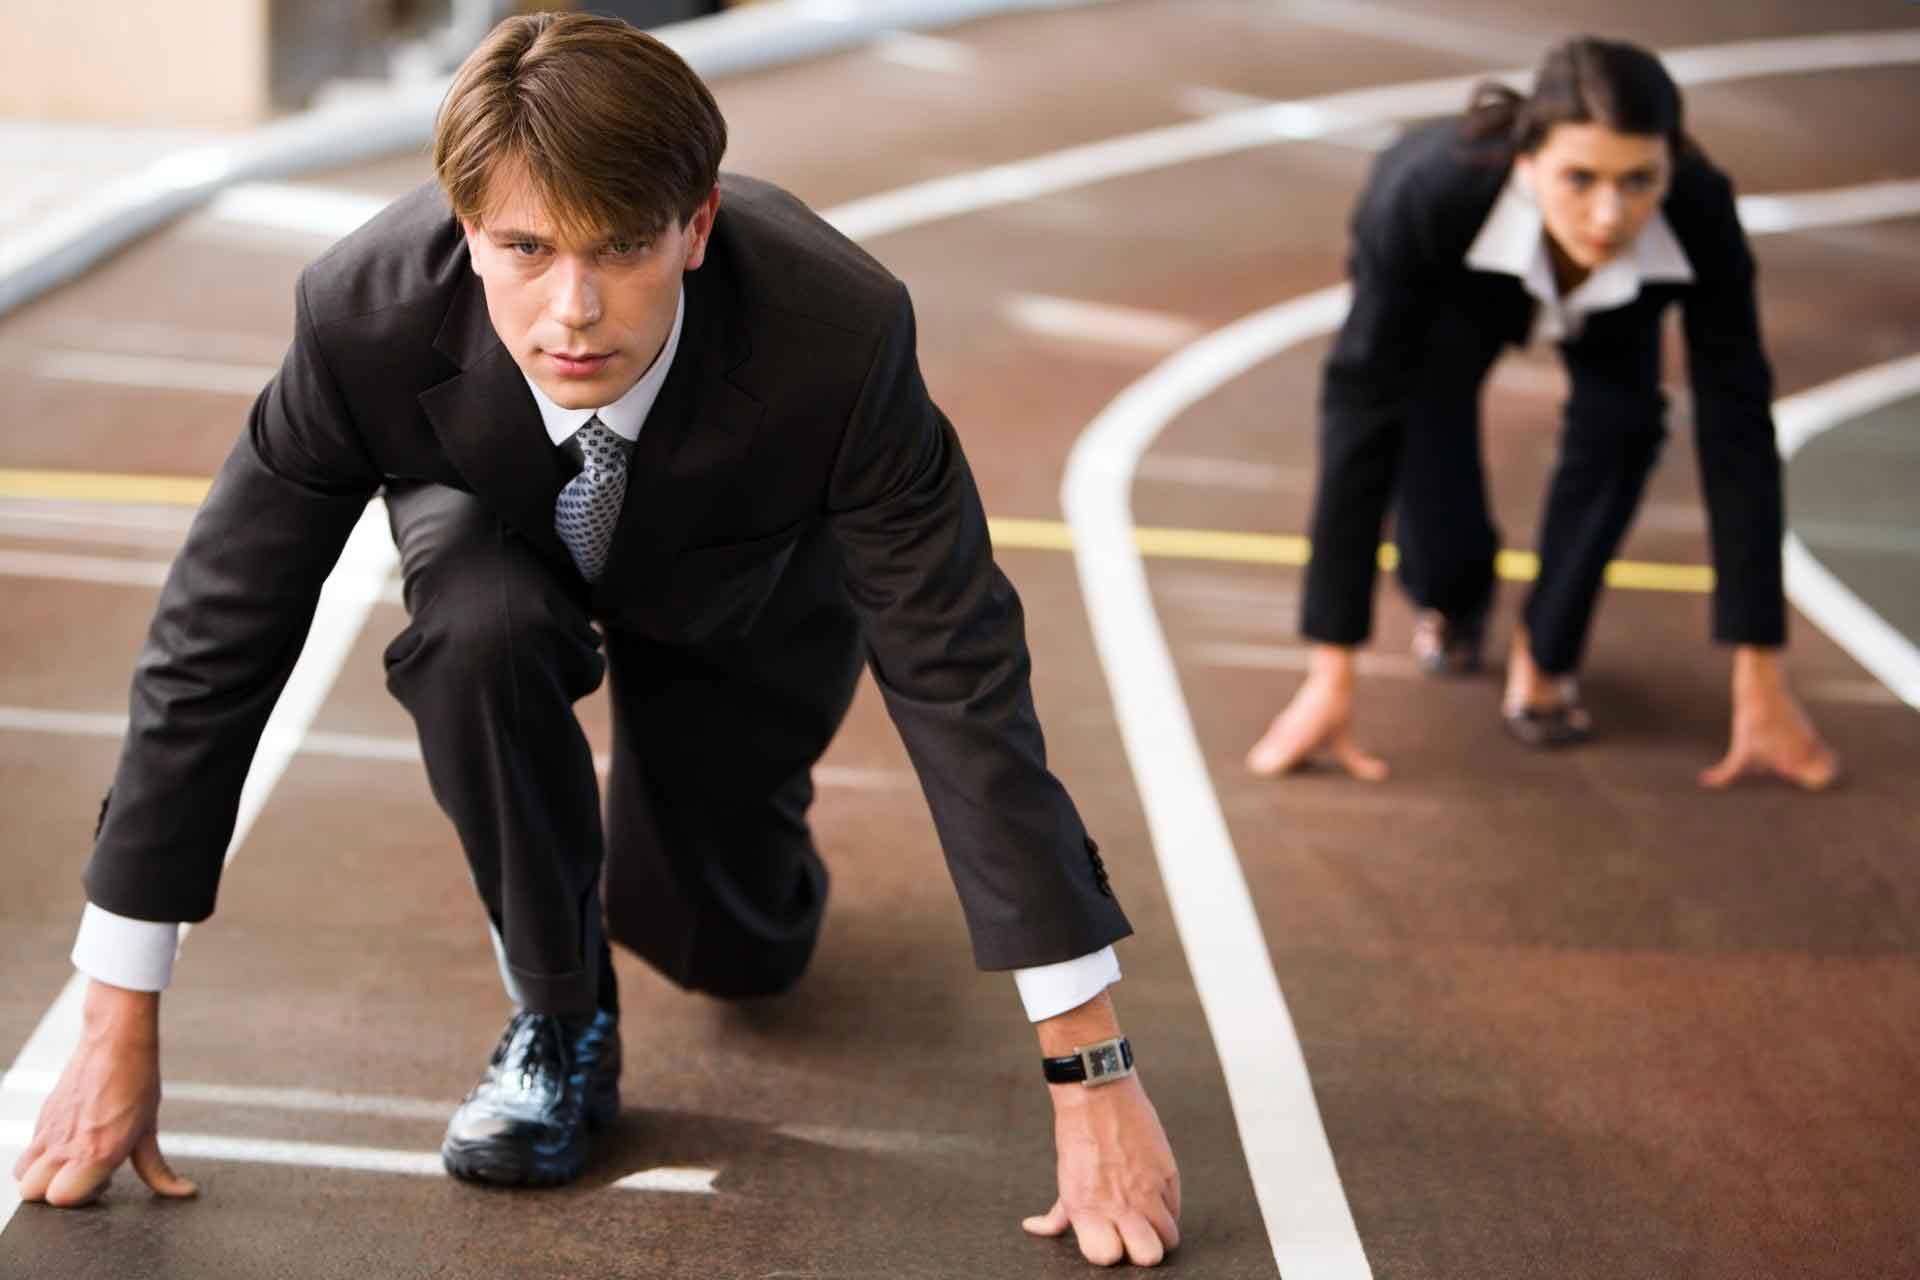 Вебинар: Как отстроиться от конкурентов с помощью создания преимуществ